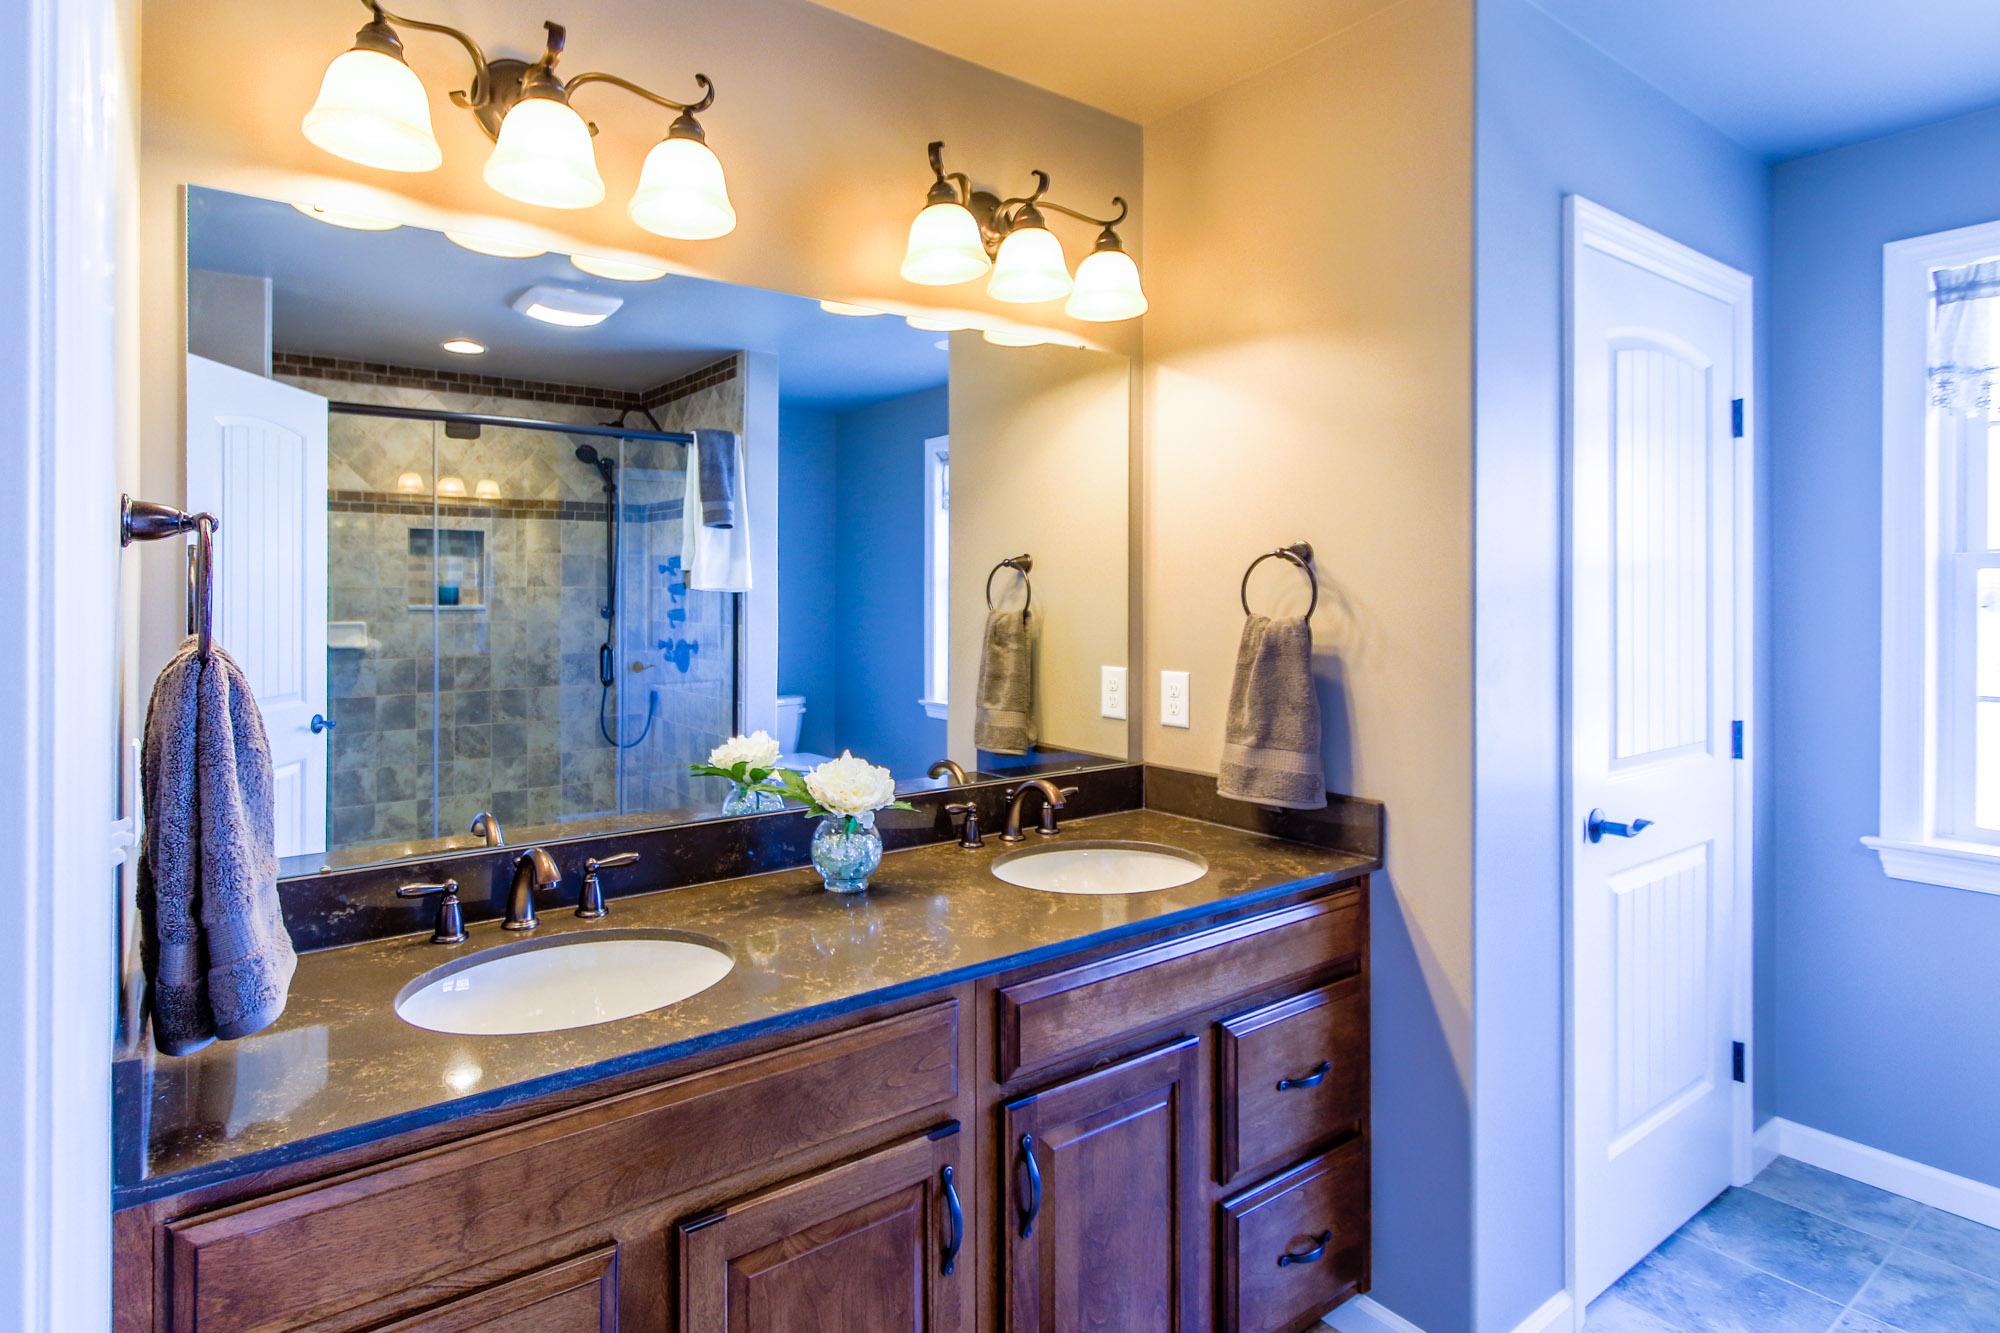 Bathroom kitchen remodel haldeman mechanical inc for Bathroom remodel help